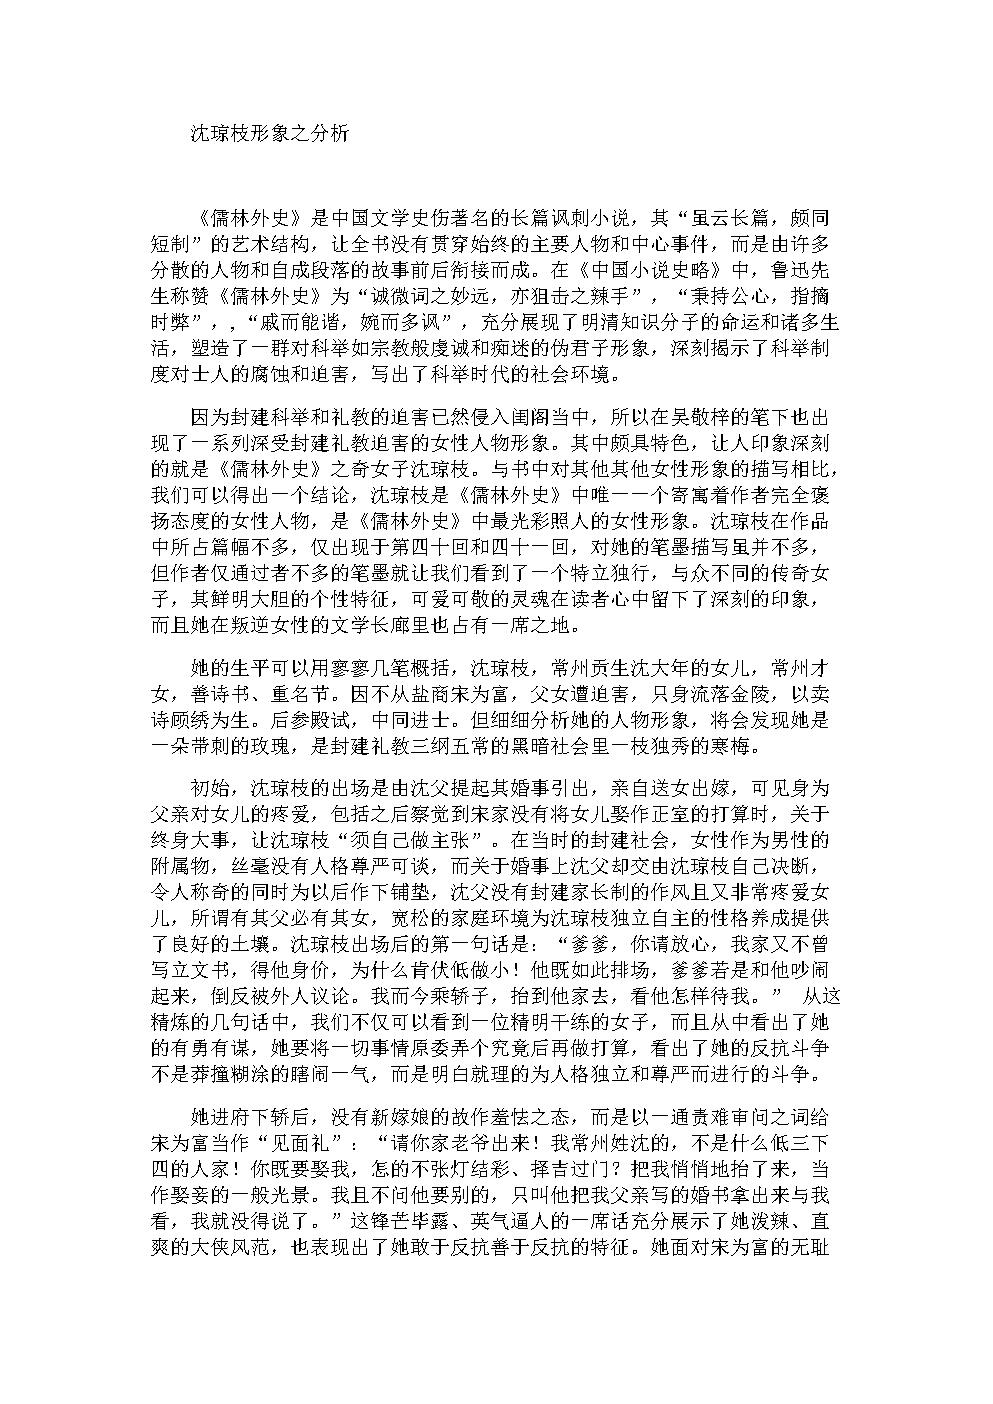 沈琼枝形象之分析.doc